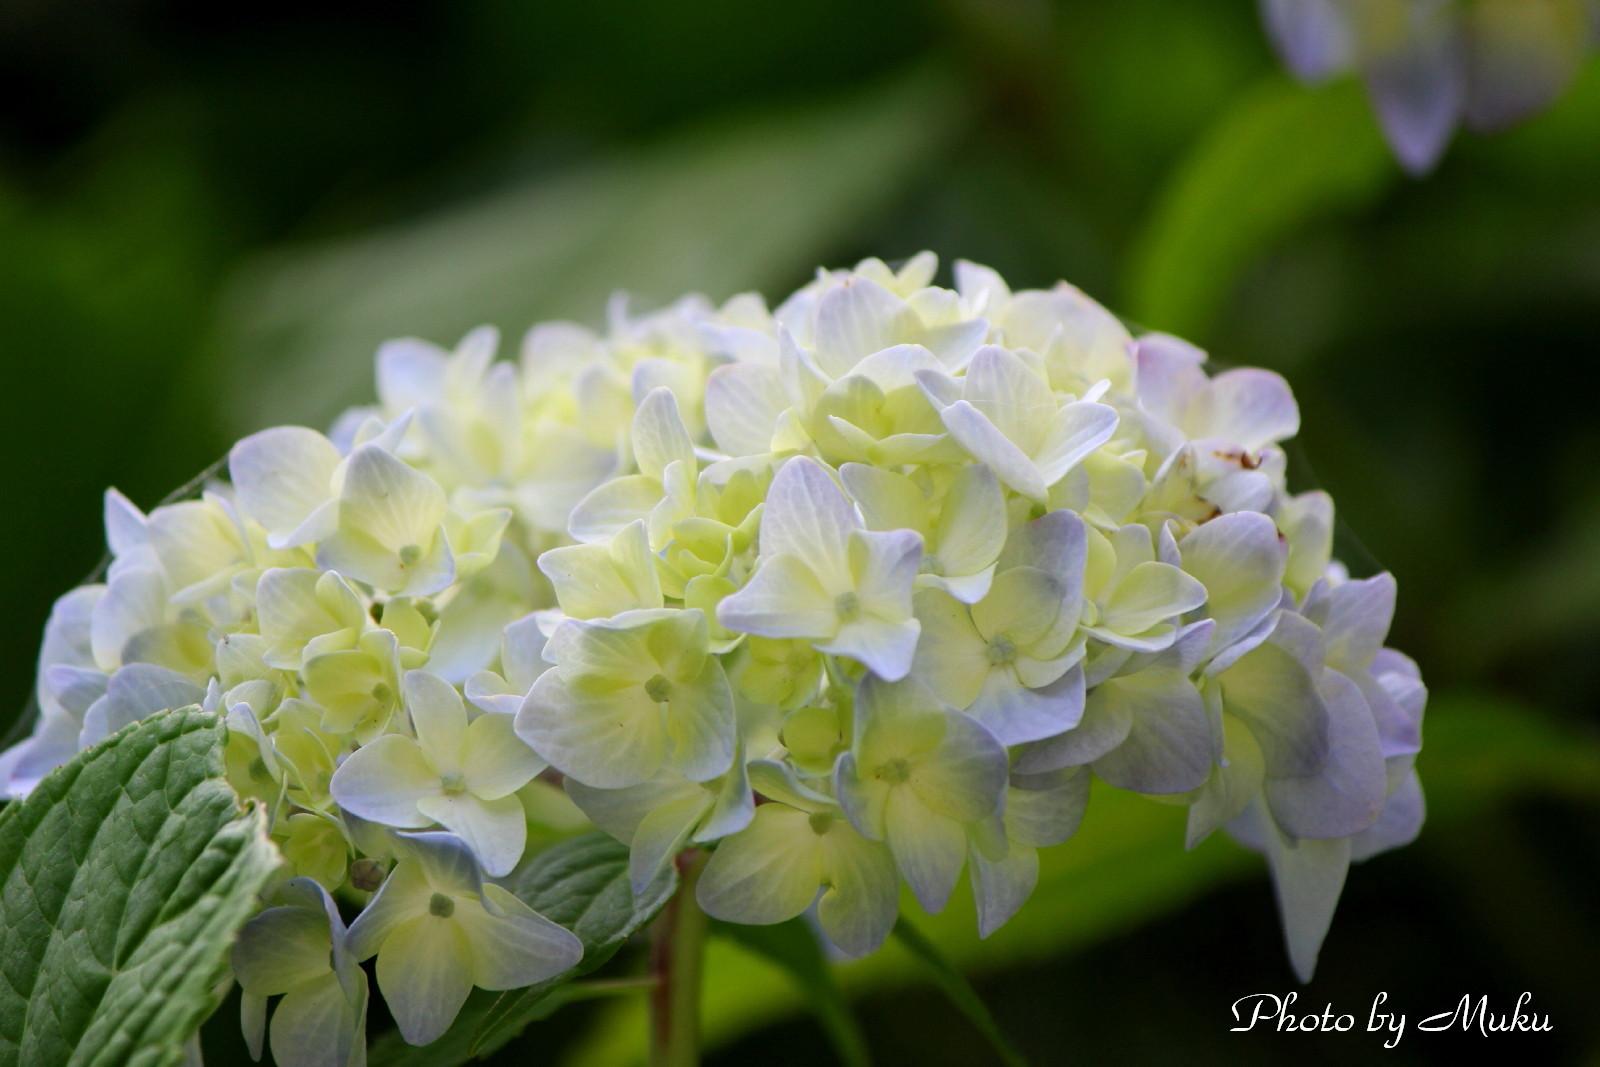 2014/05/29  あじさい (観音崎公園:神奈川県横須賀市)